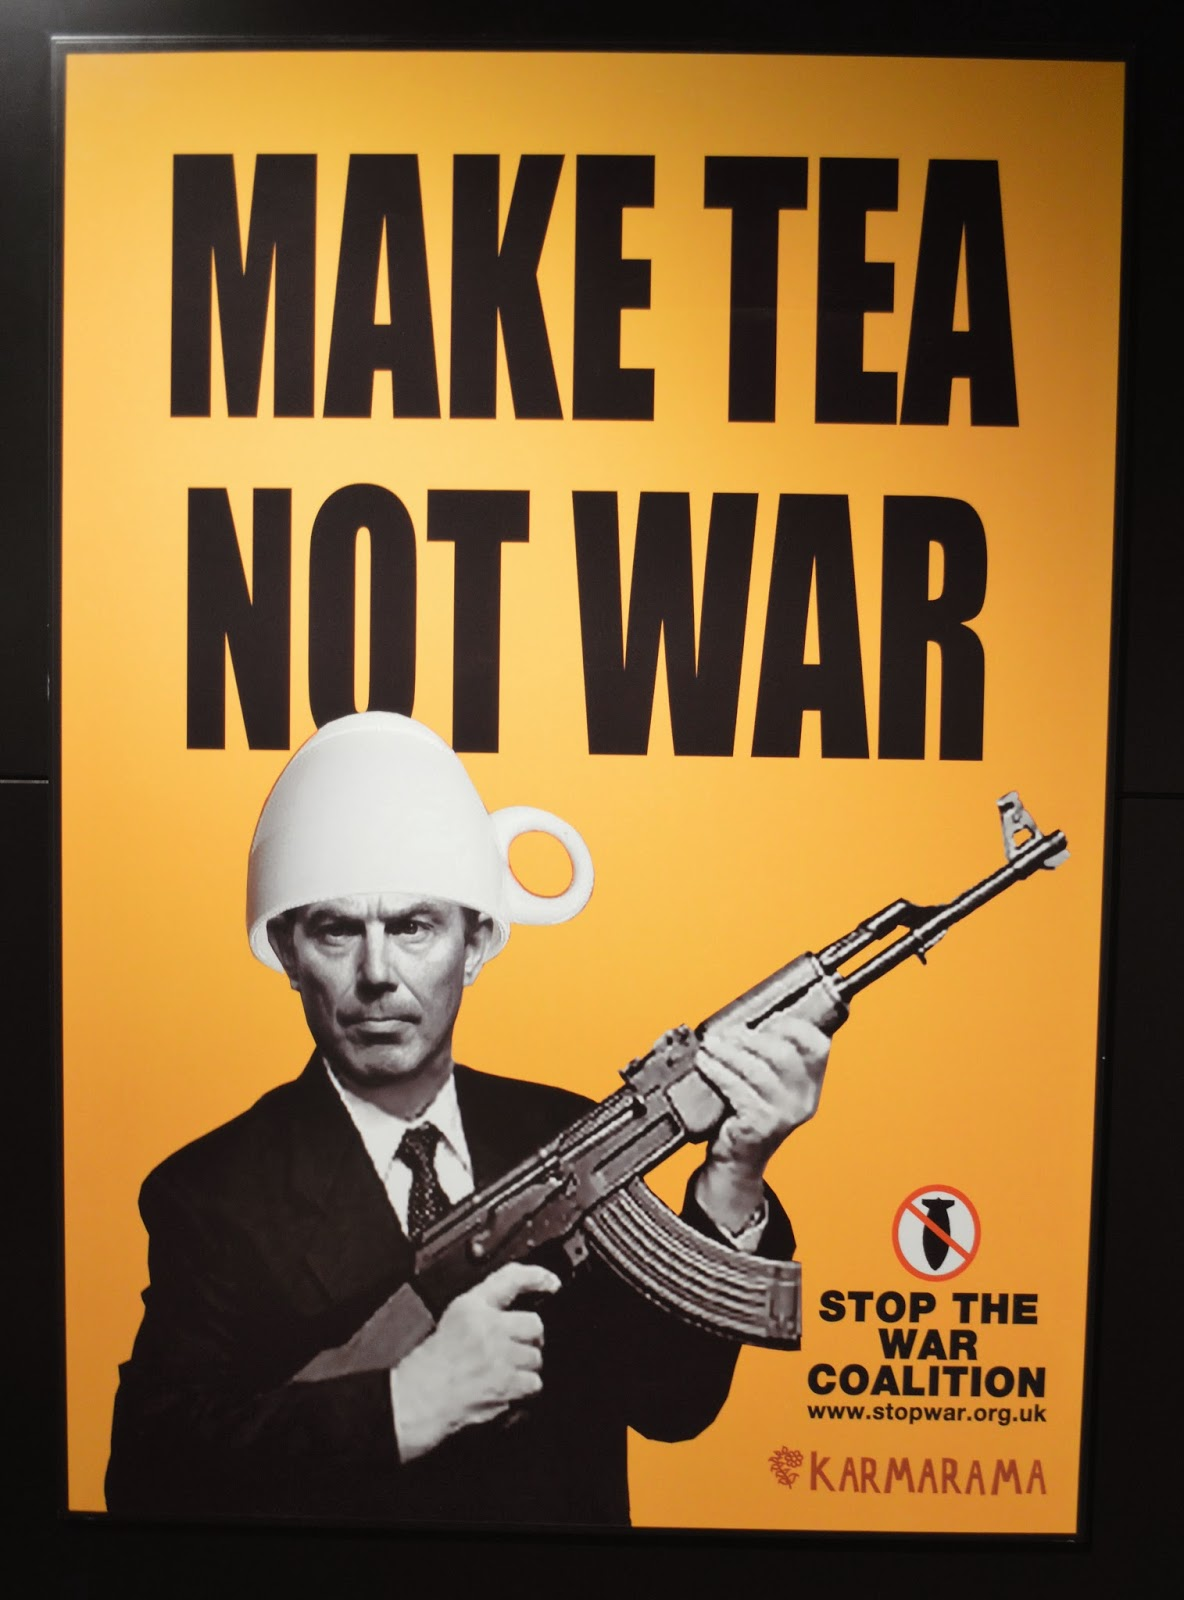 poster, Tony Blair, war monger, make tea not war, stop the war coalition, Iraq, Afghanistan